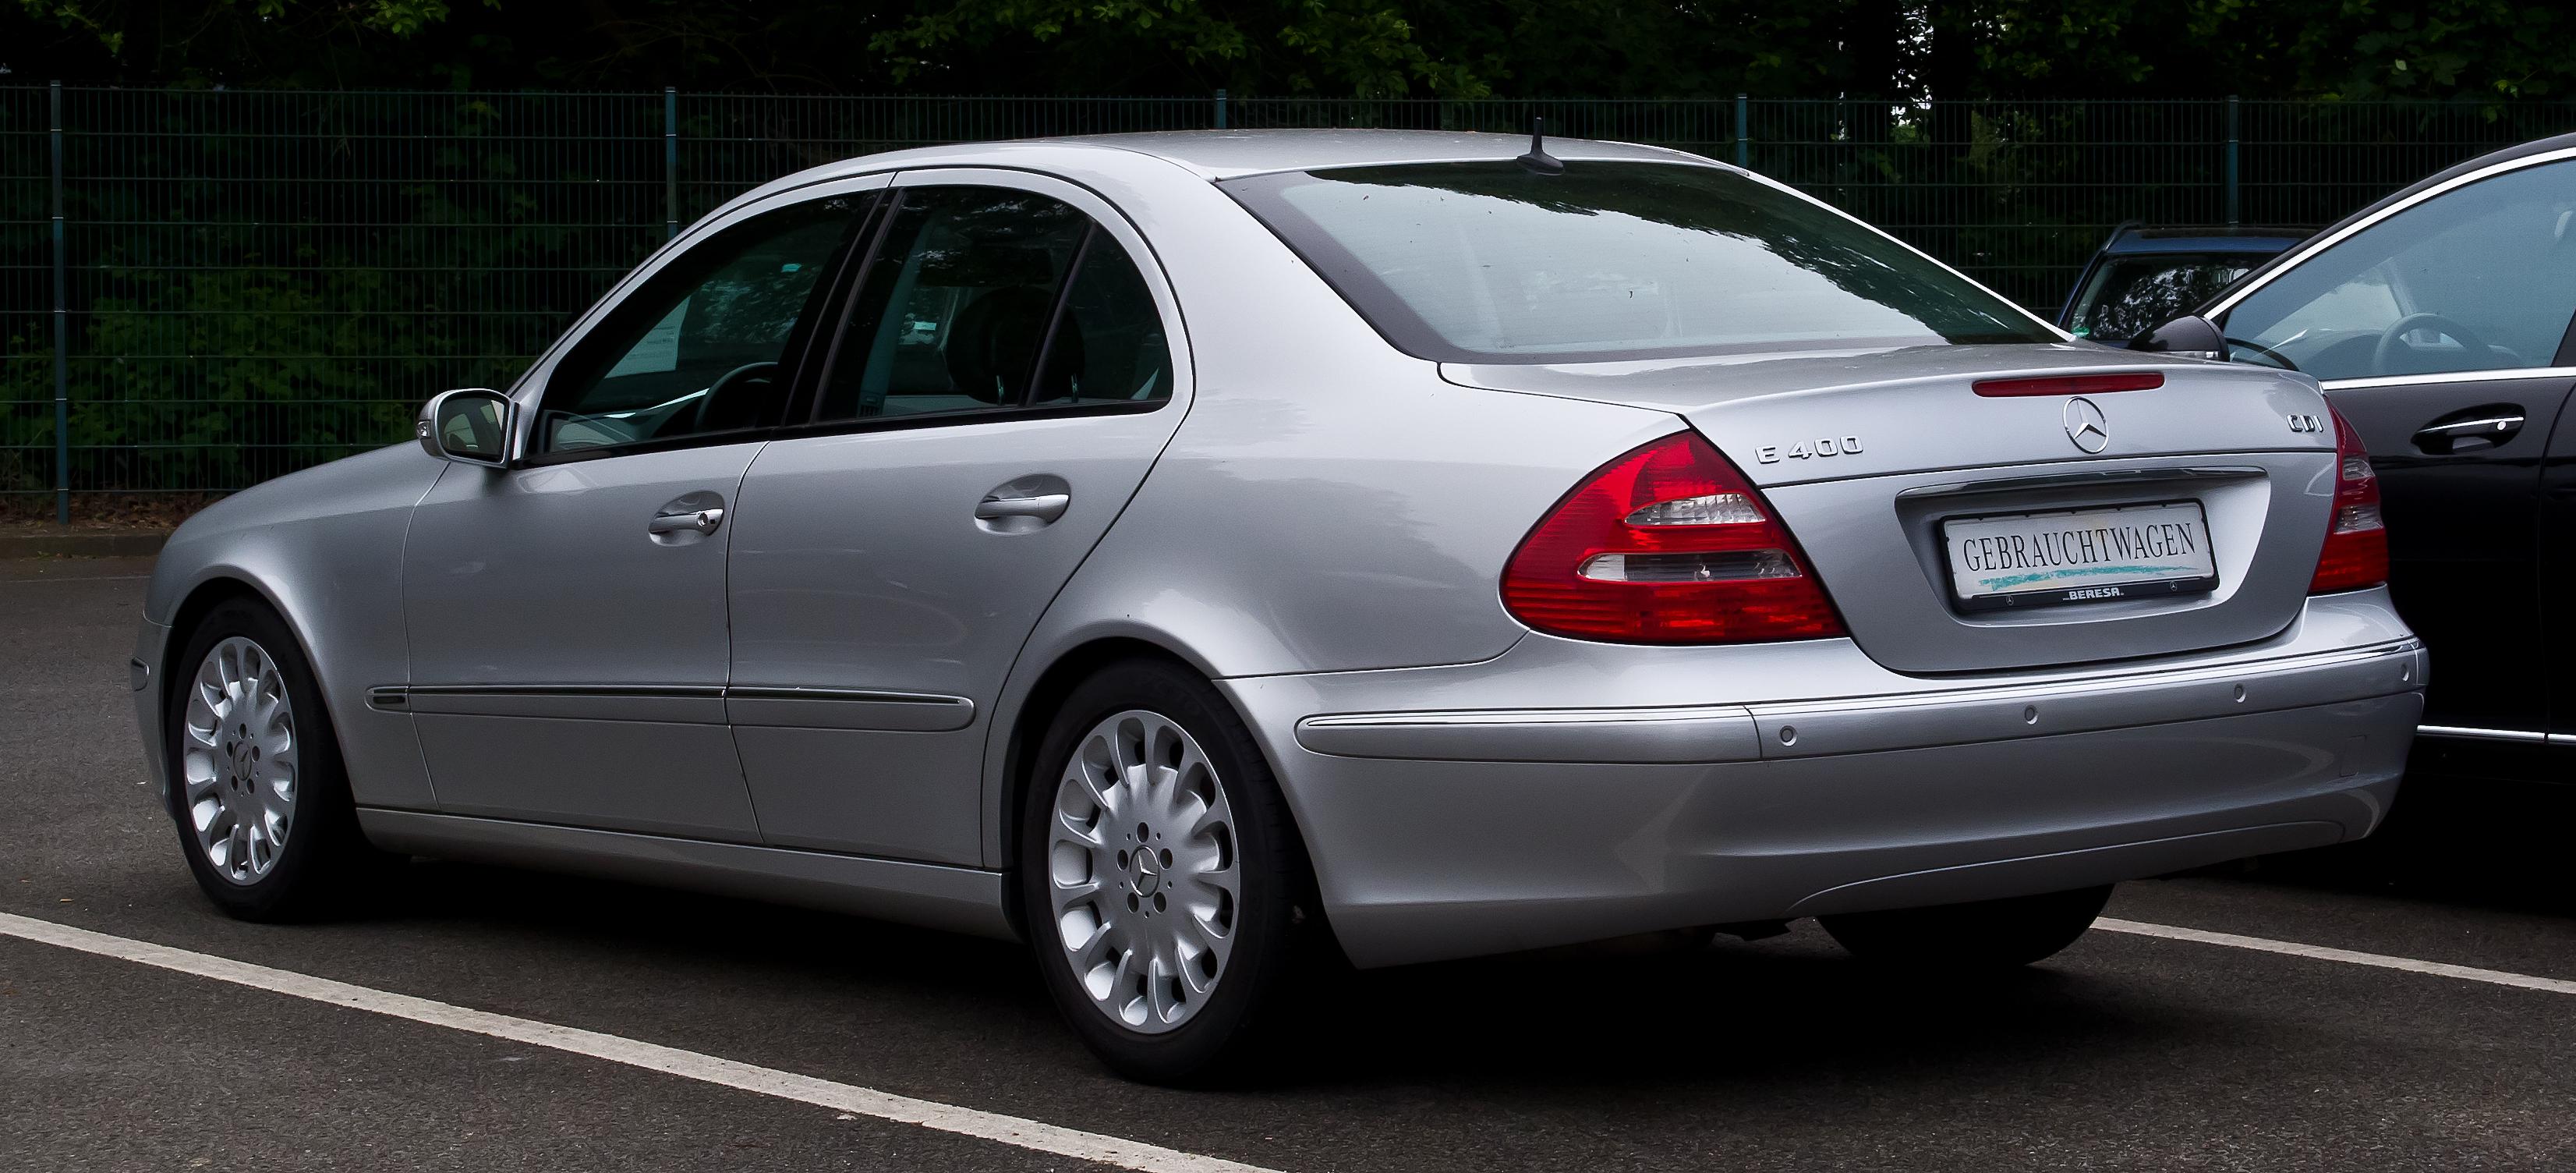 Mercedes Benz A Class Manual